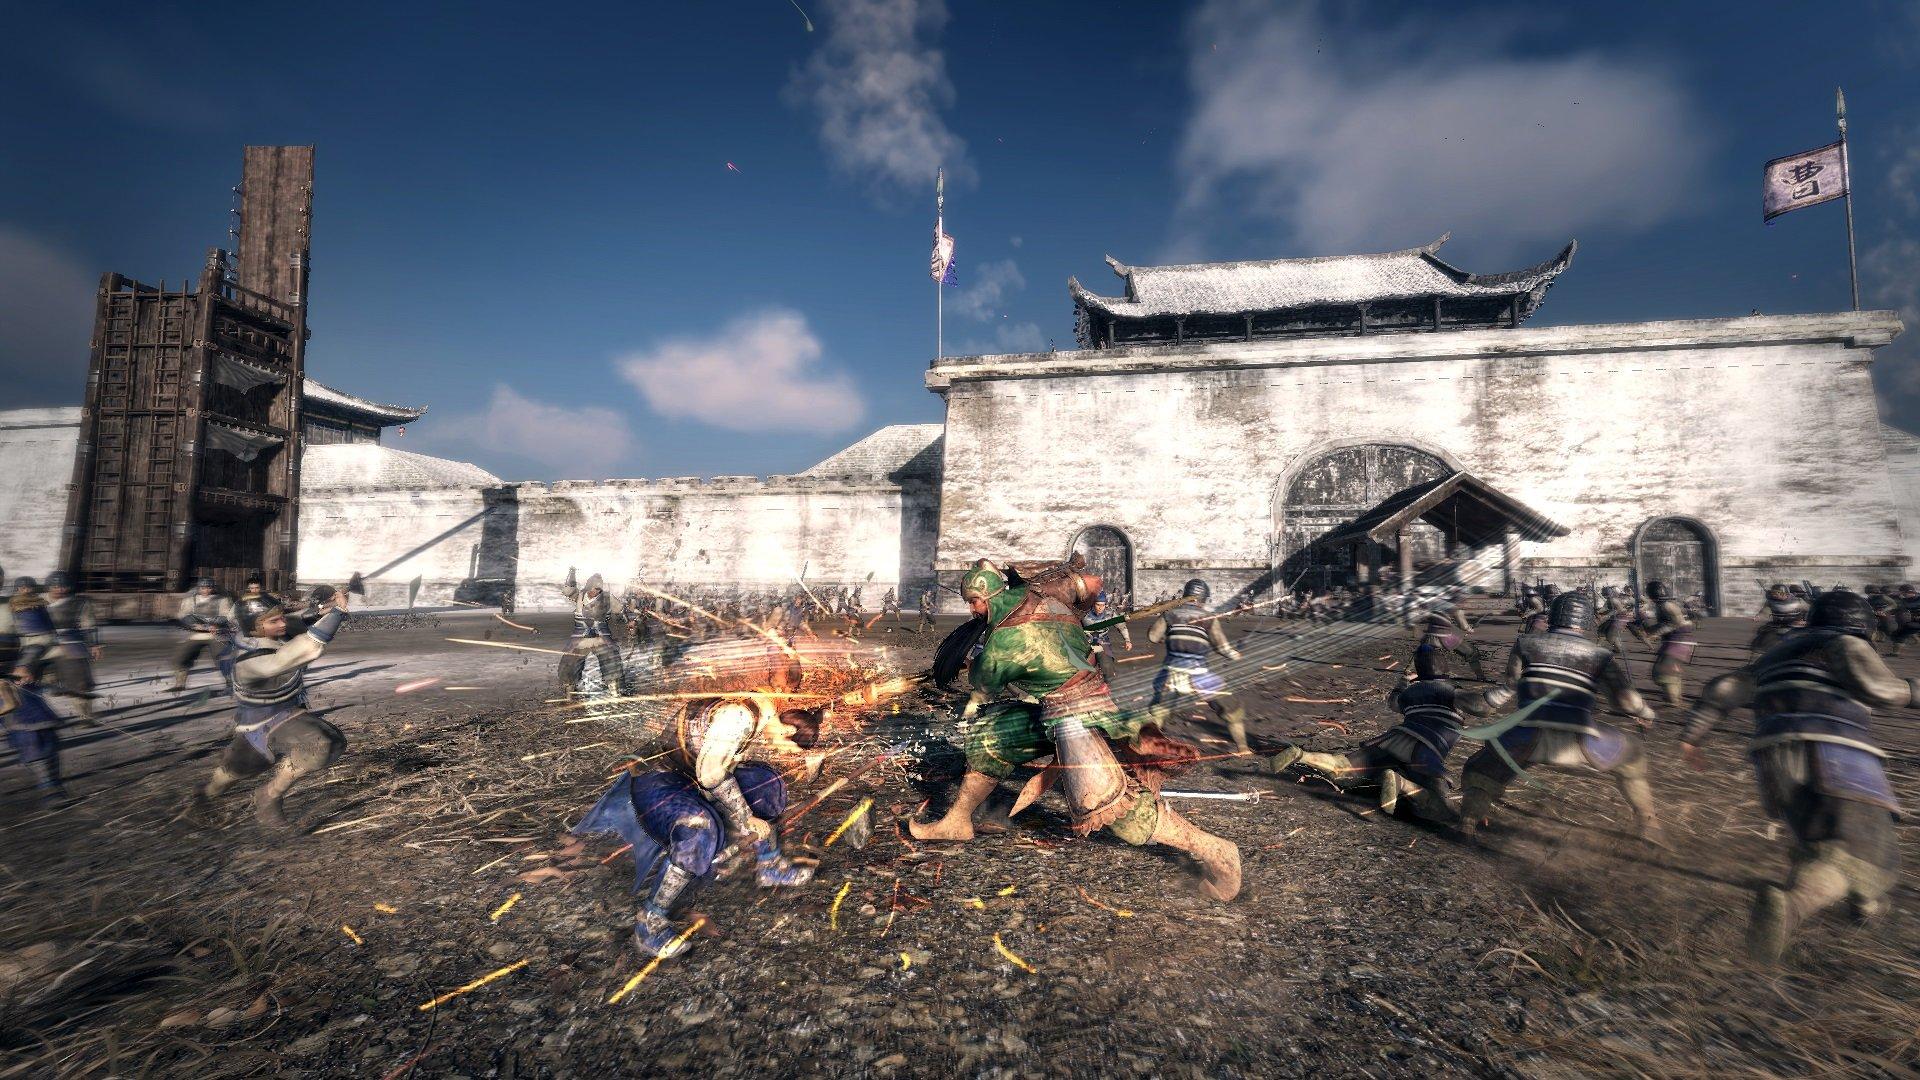 《真三国无双8:帝国》宣布 明年初发售截图